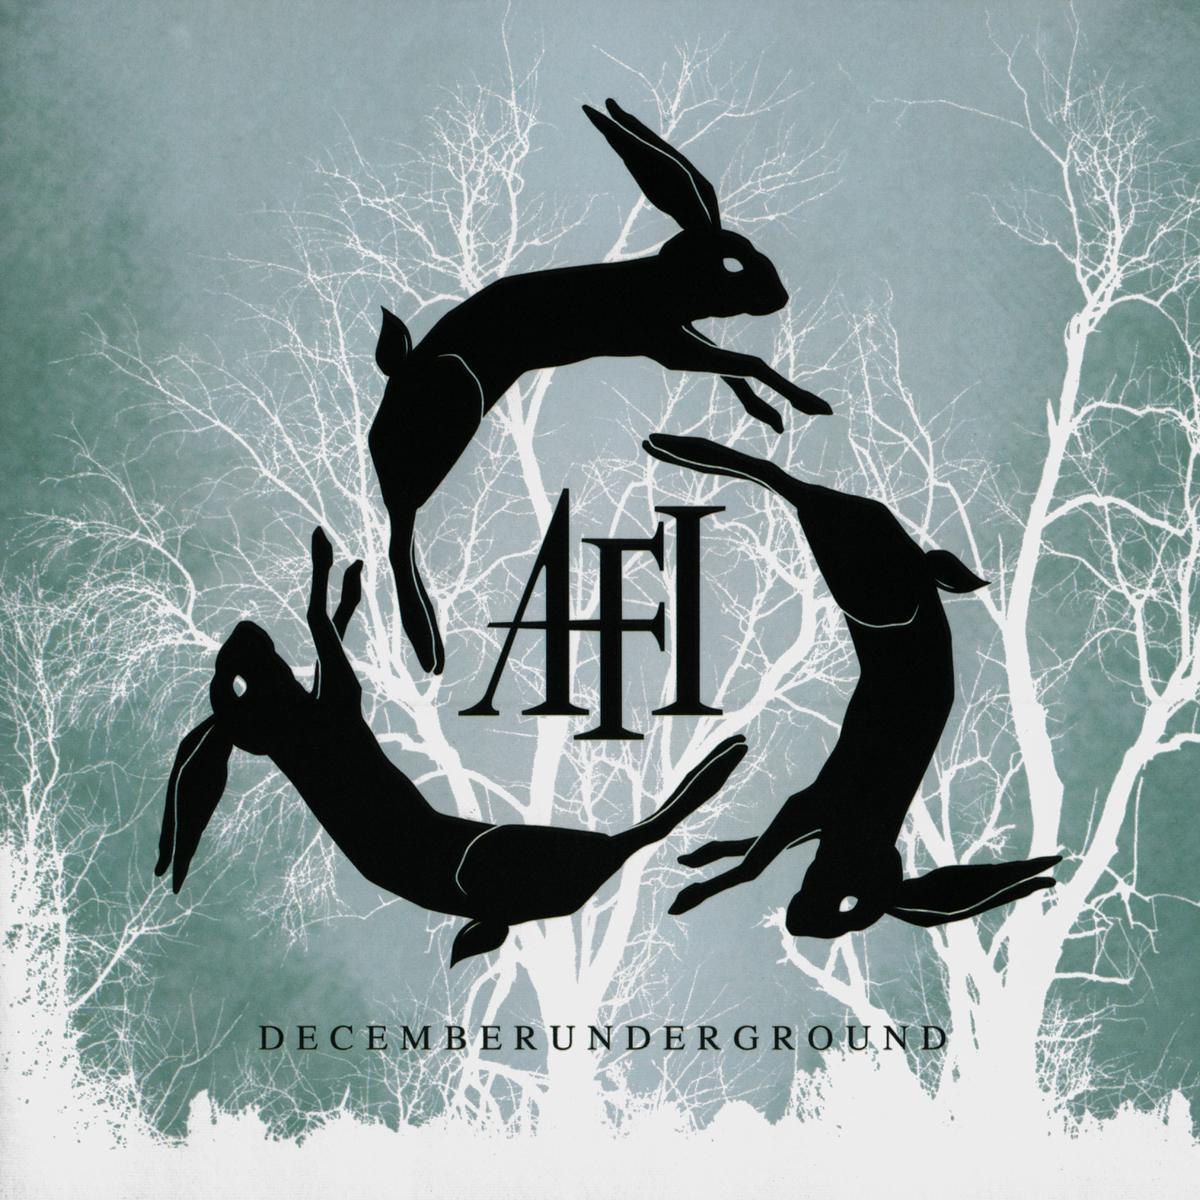 AFI, Decemberunderground